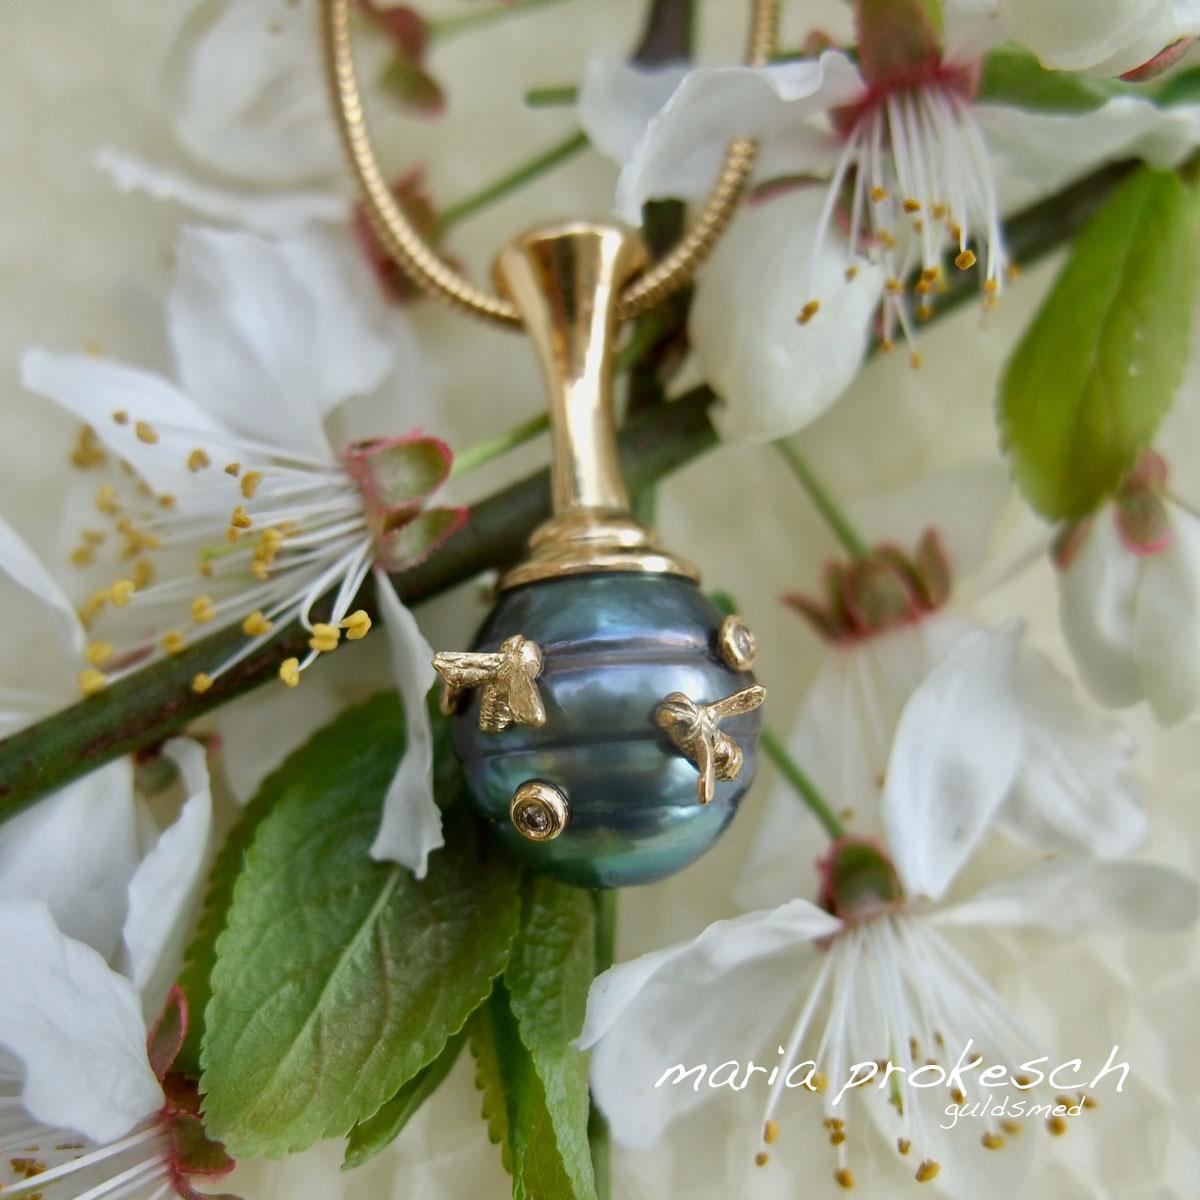 Unikt vedhæng i 18 kt guld. Tahitiperler der ligner en bikube med små bier i guld og diamanter. Håndlavet design fra Maria Prokesch